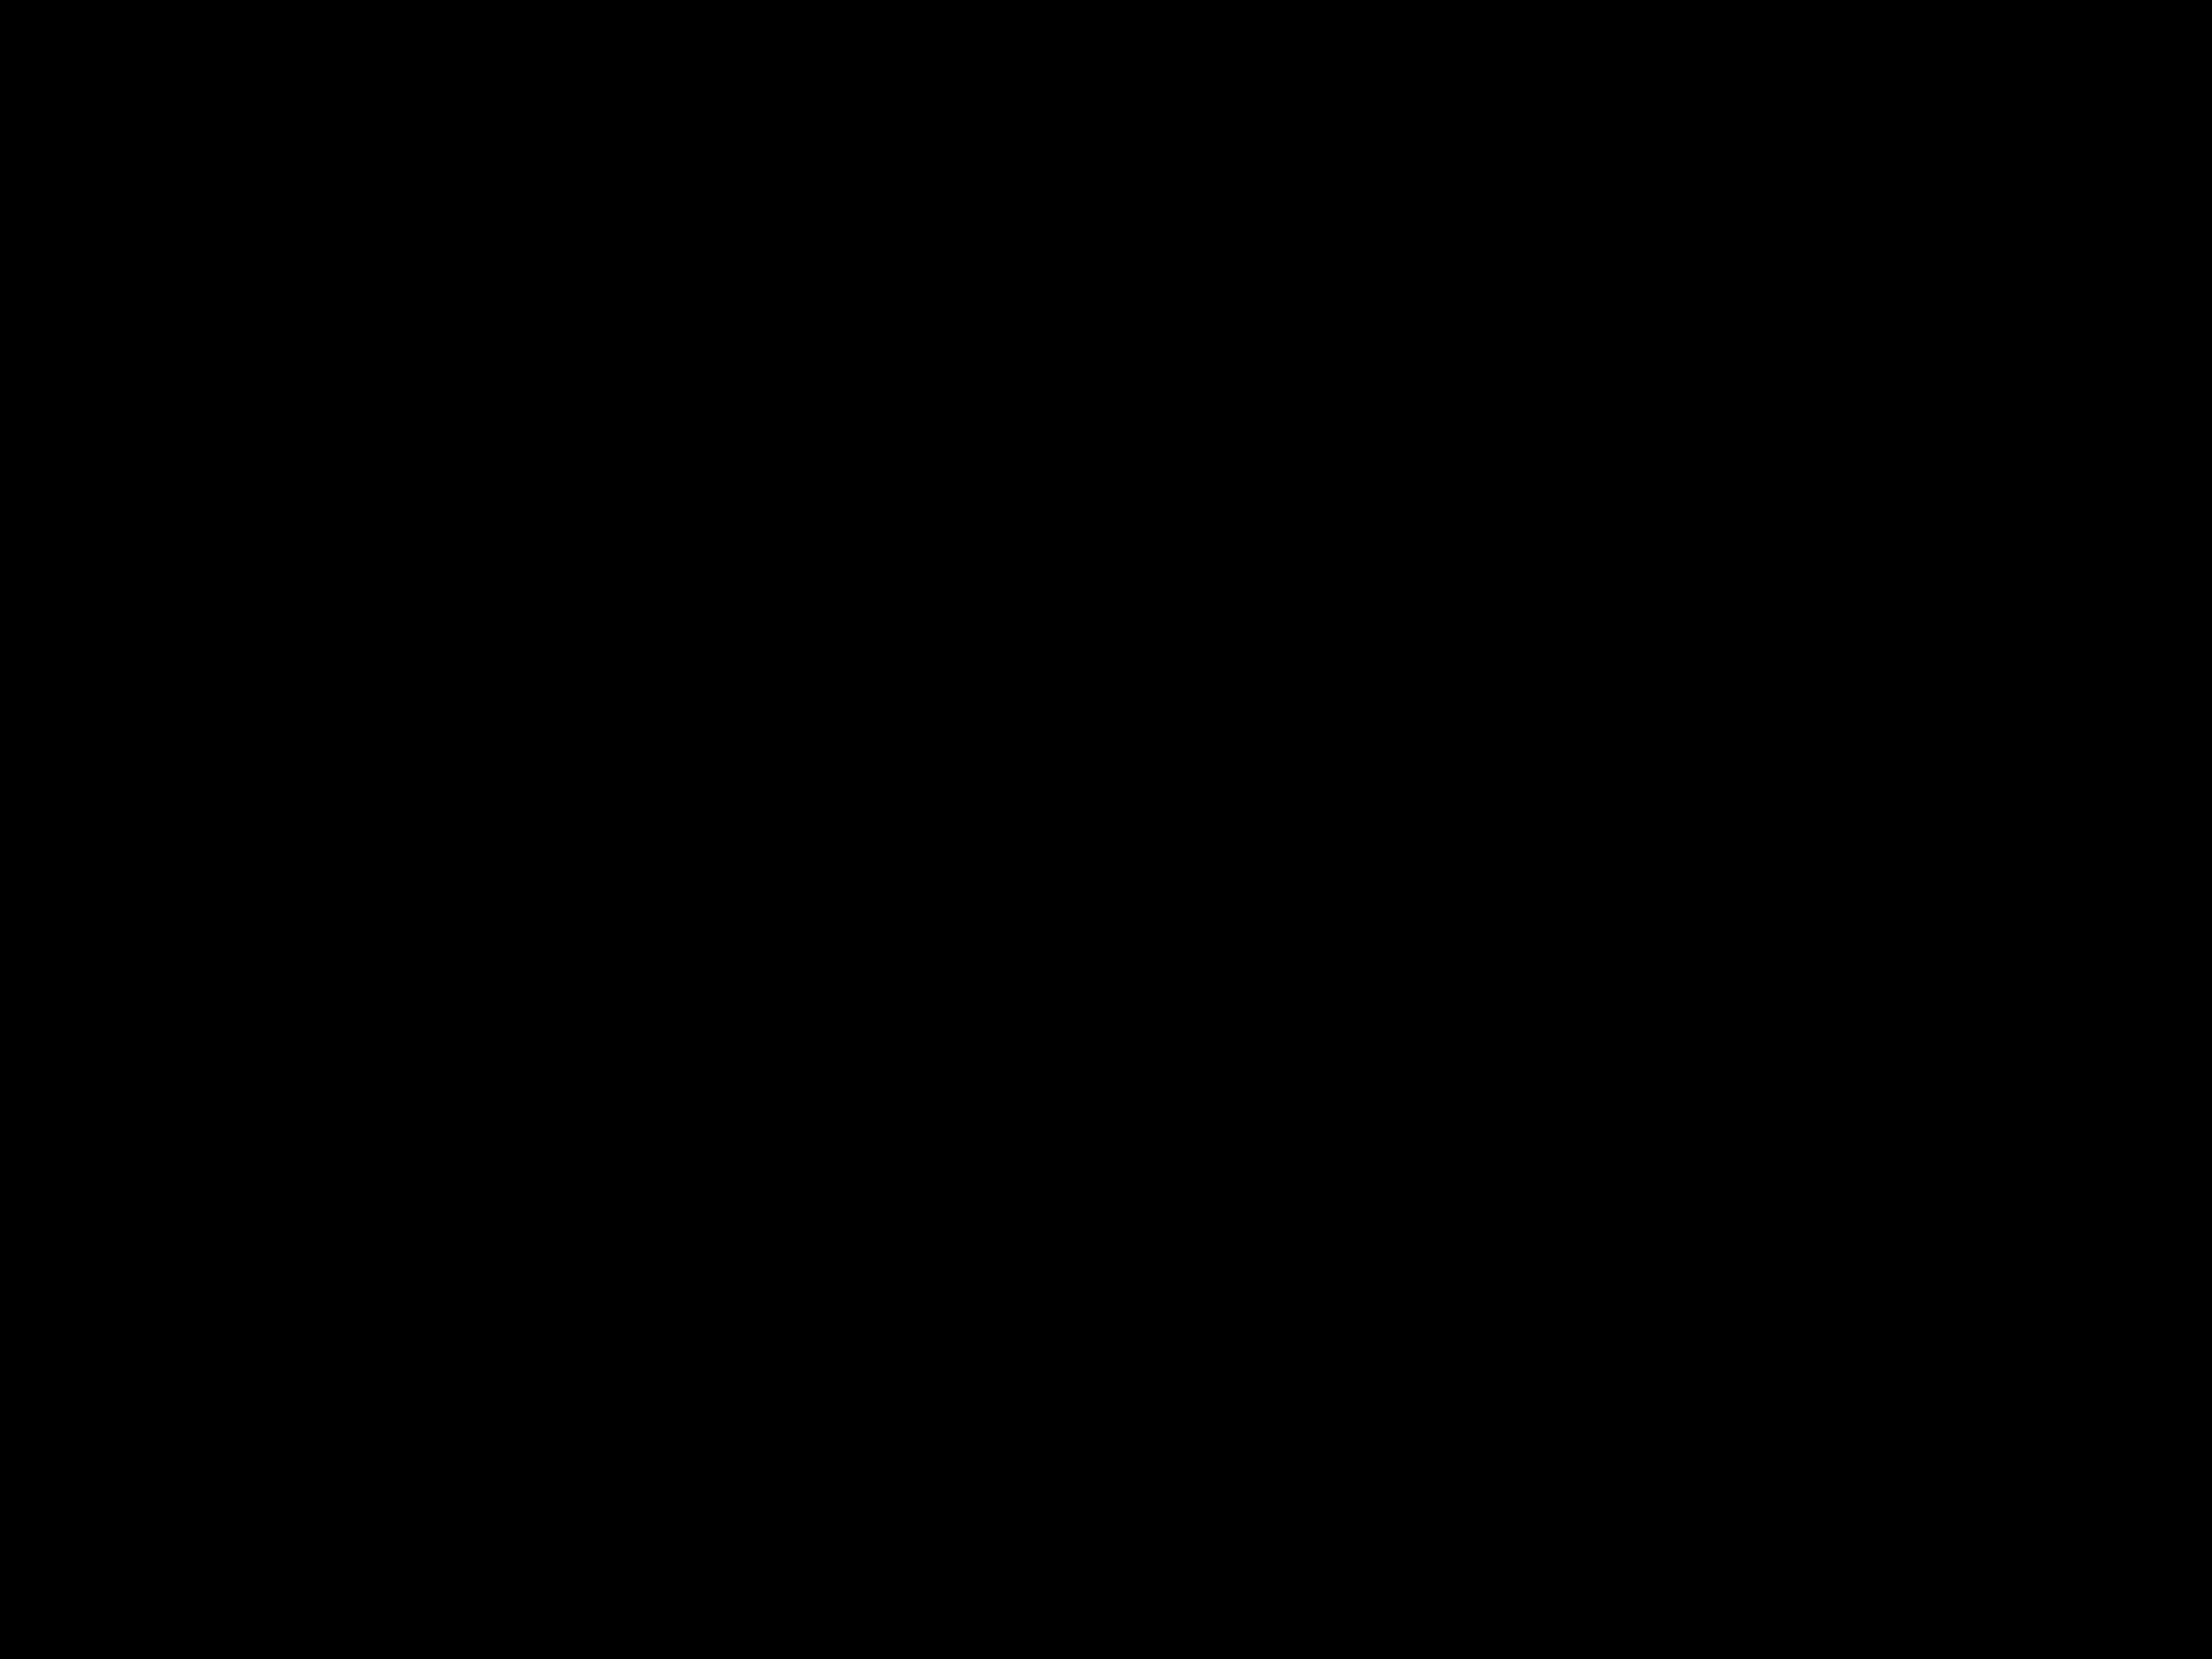 Beach-at-Shaws-Point